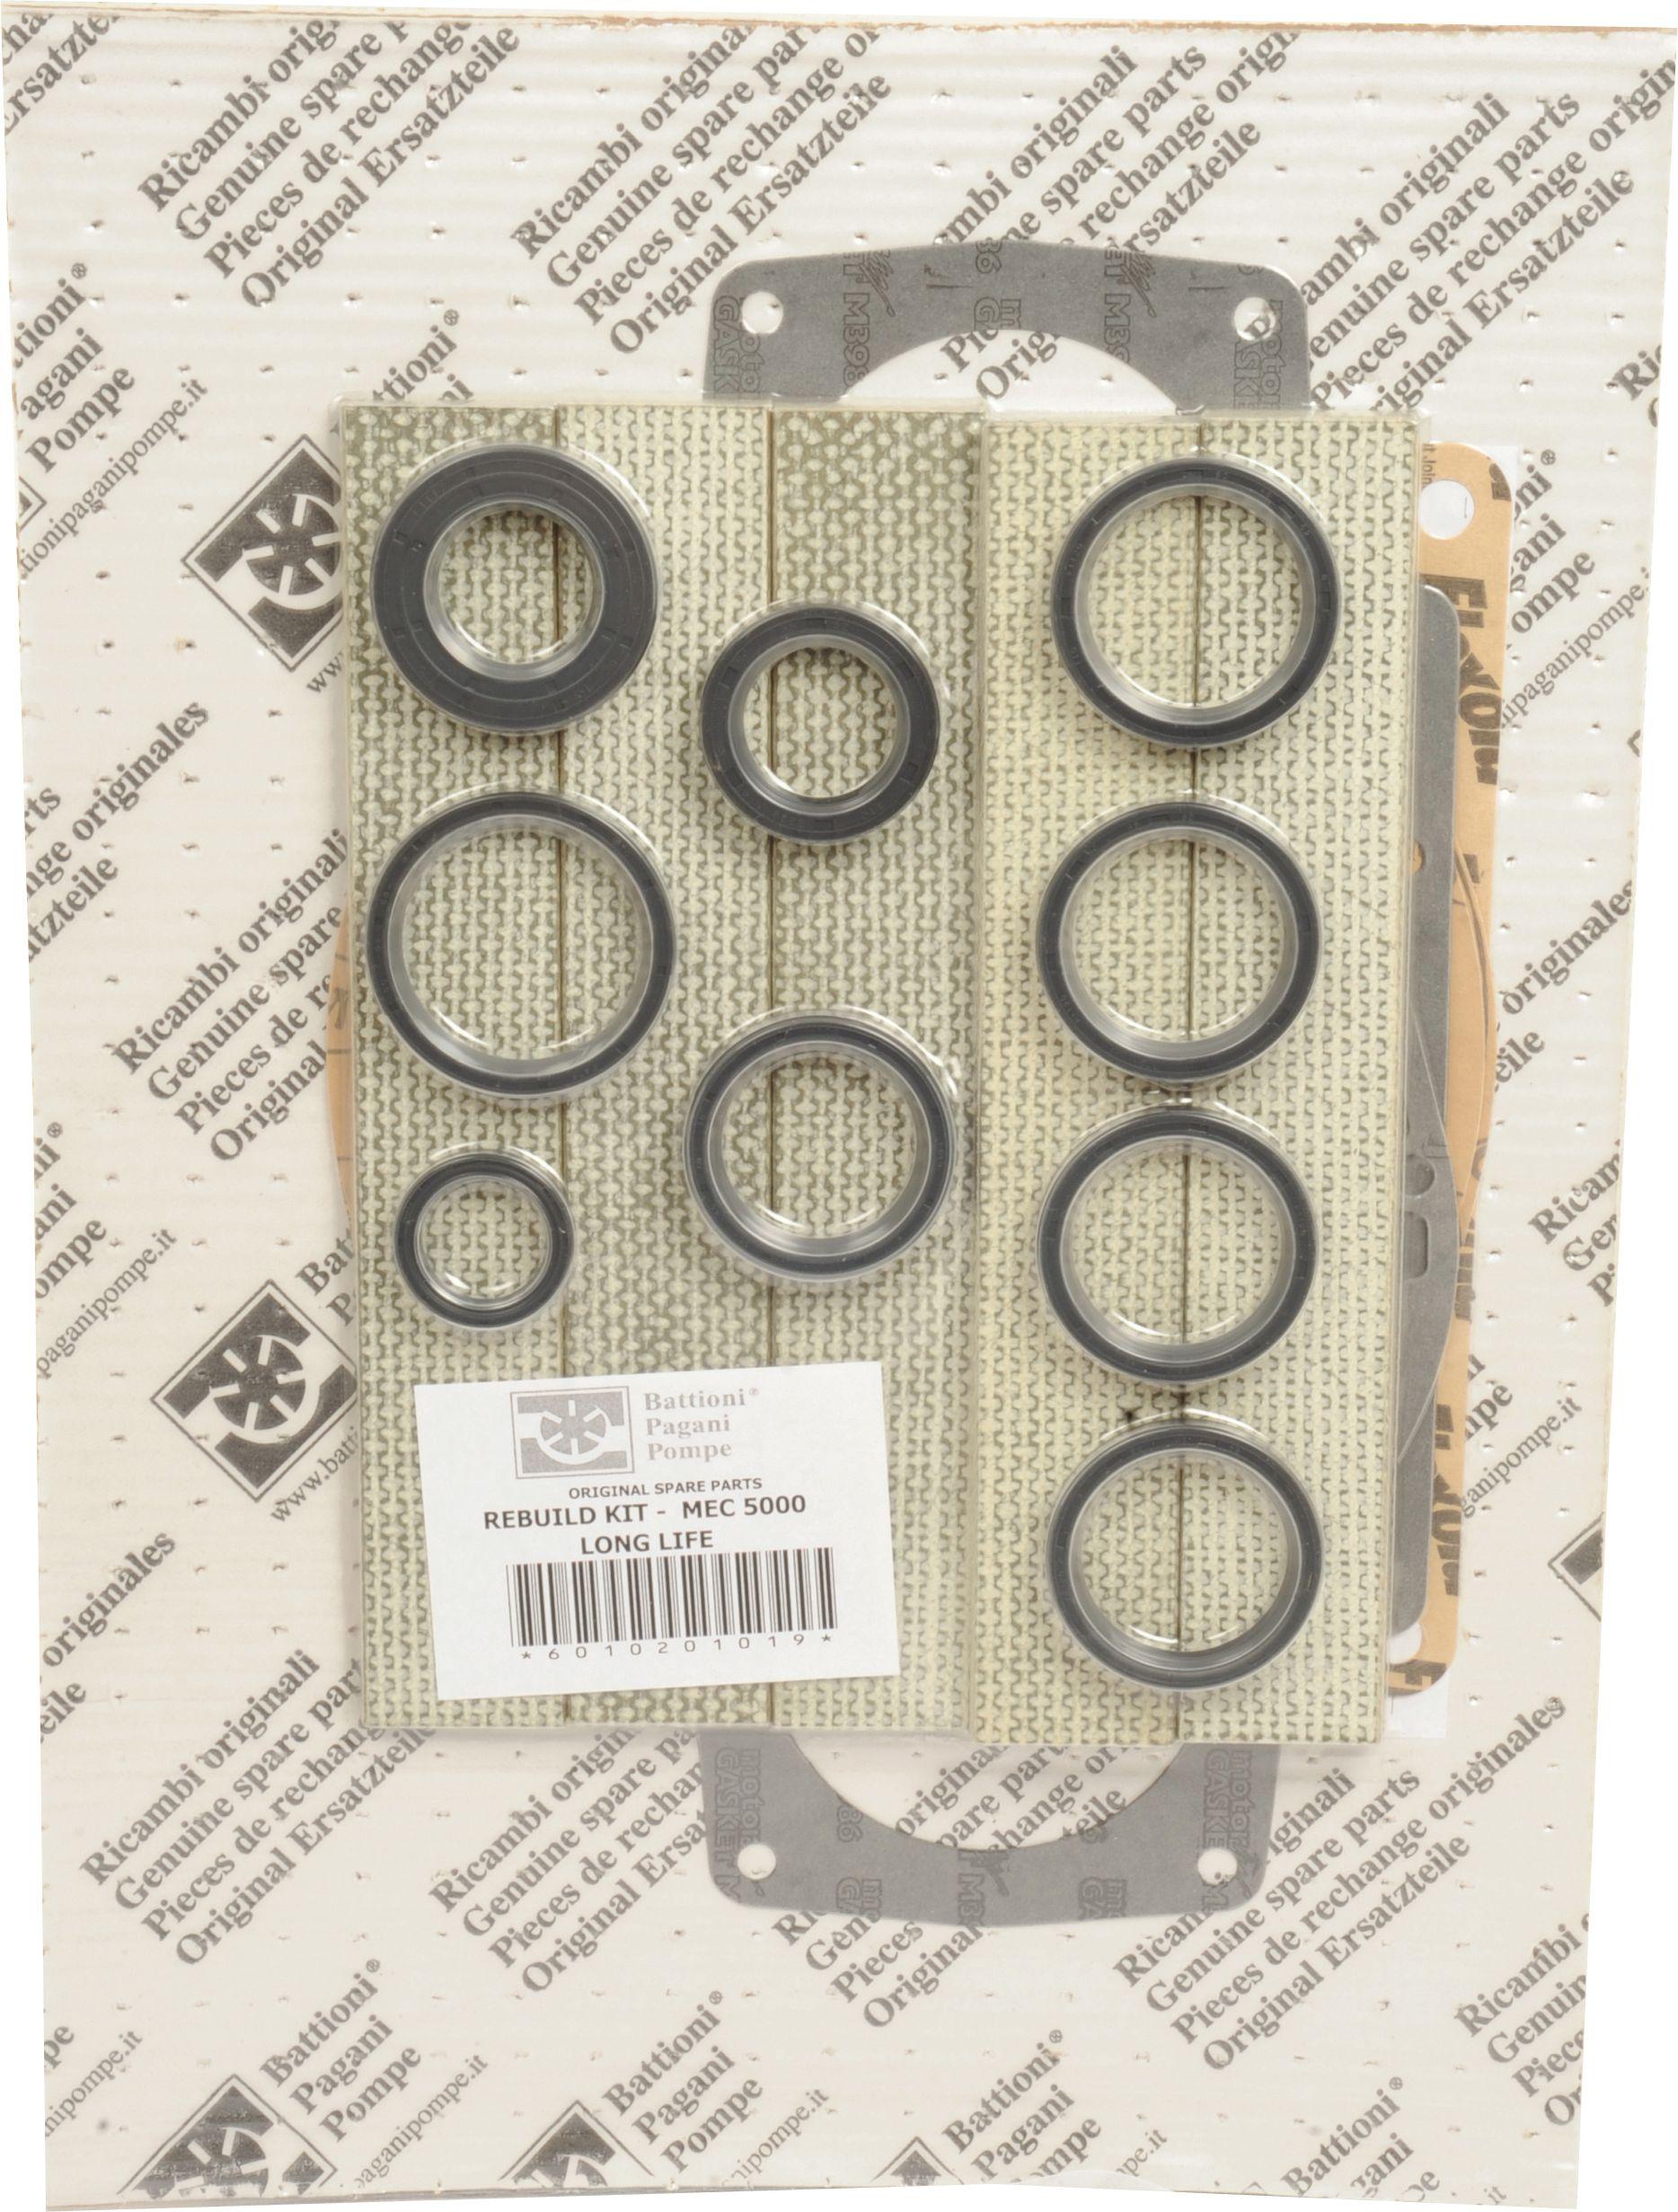 BATTIONI PAGANI POMP REBUILD KIT-MEC 5000 L/L 101963